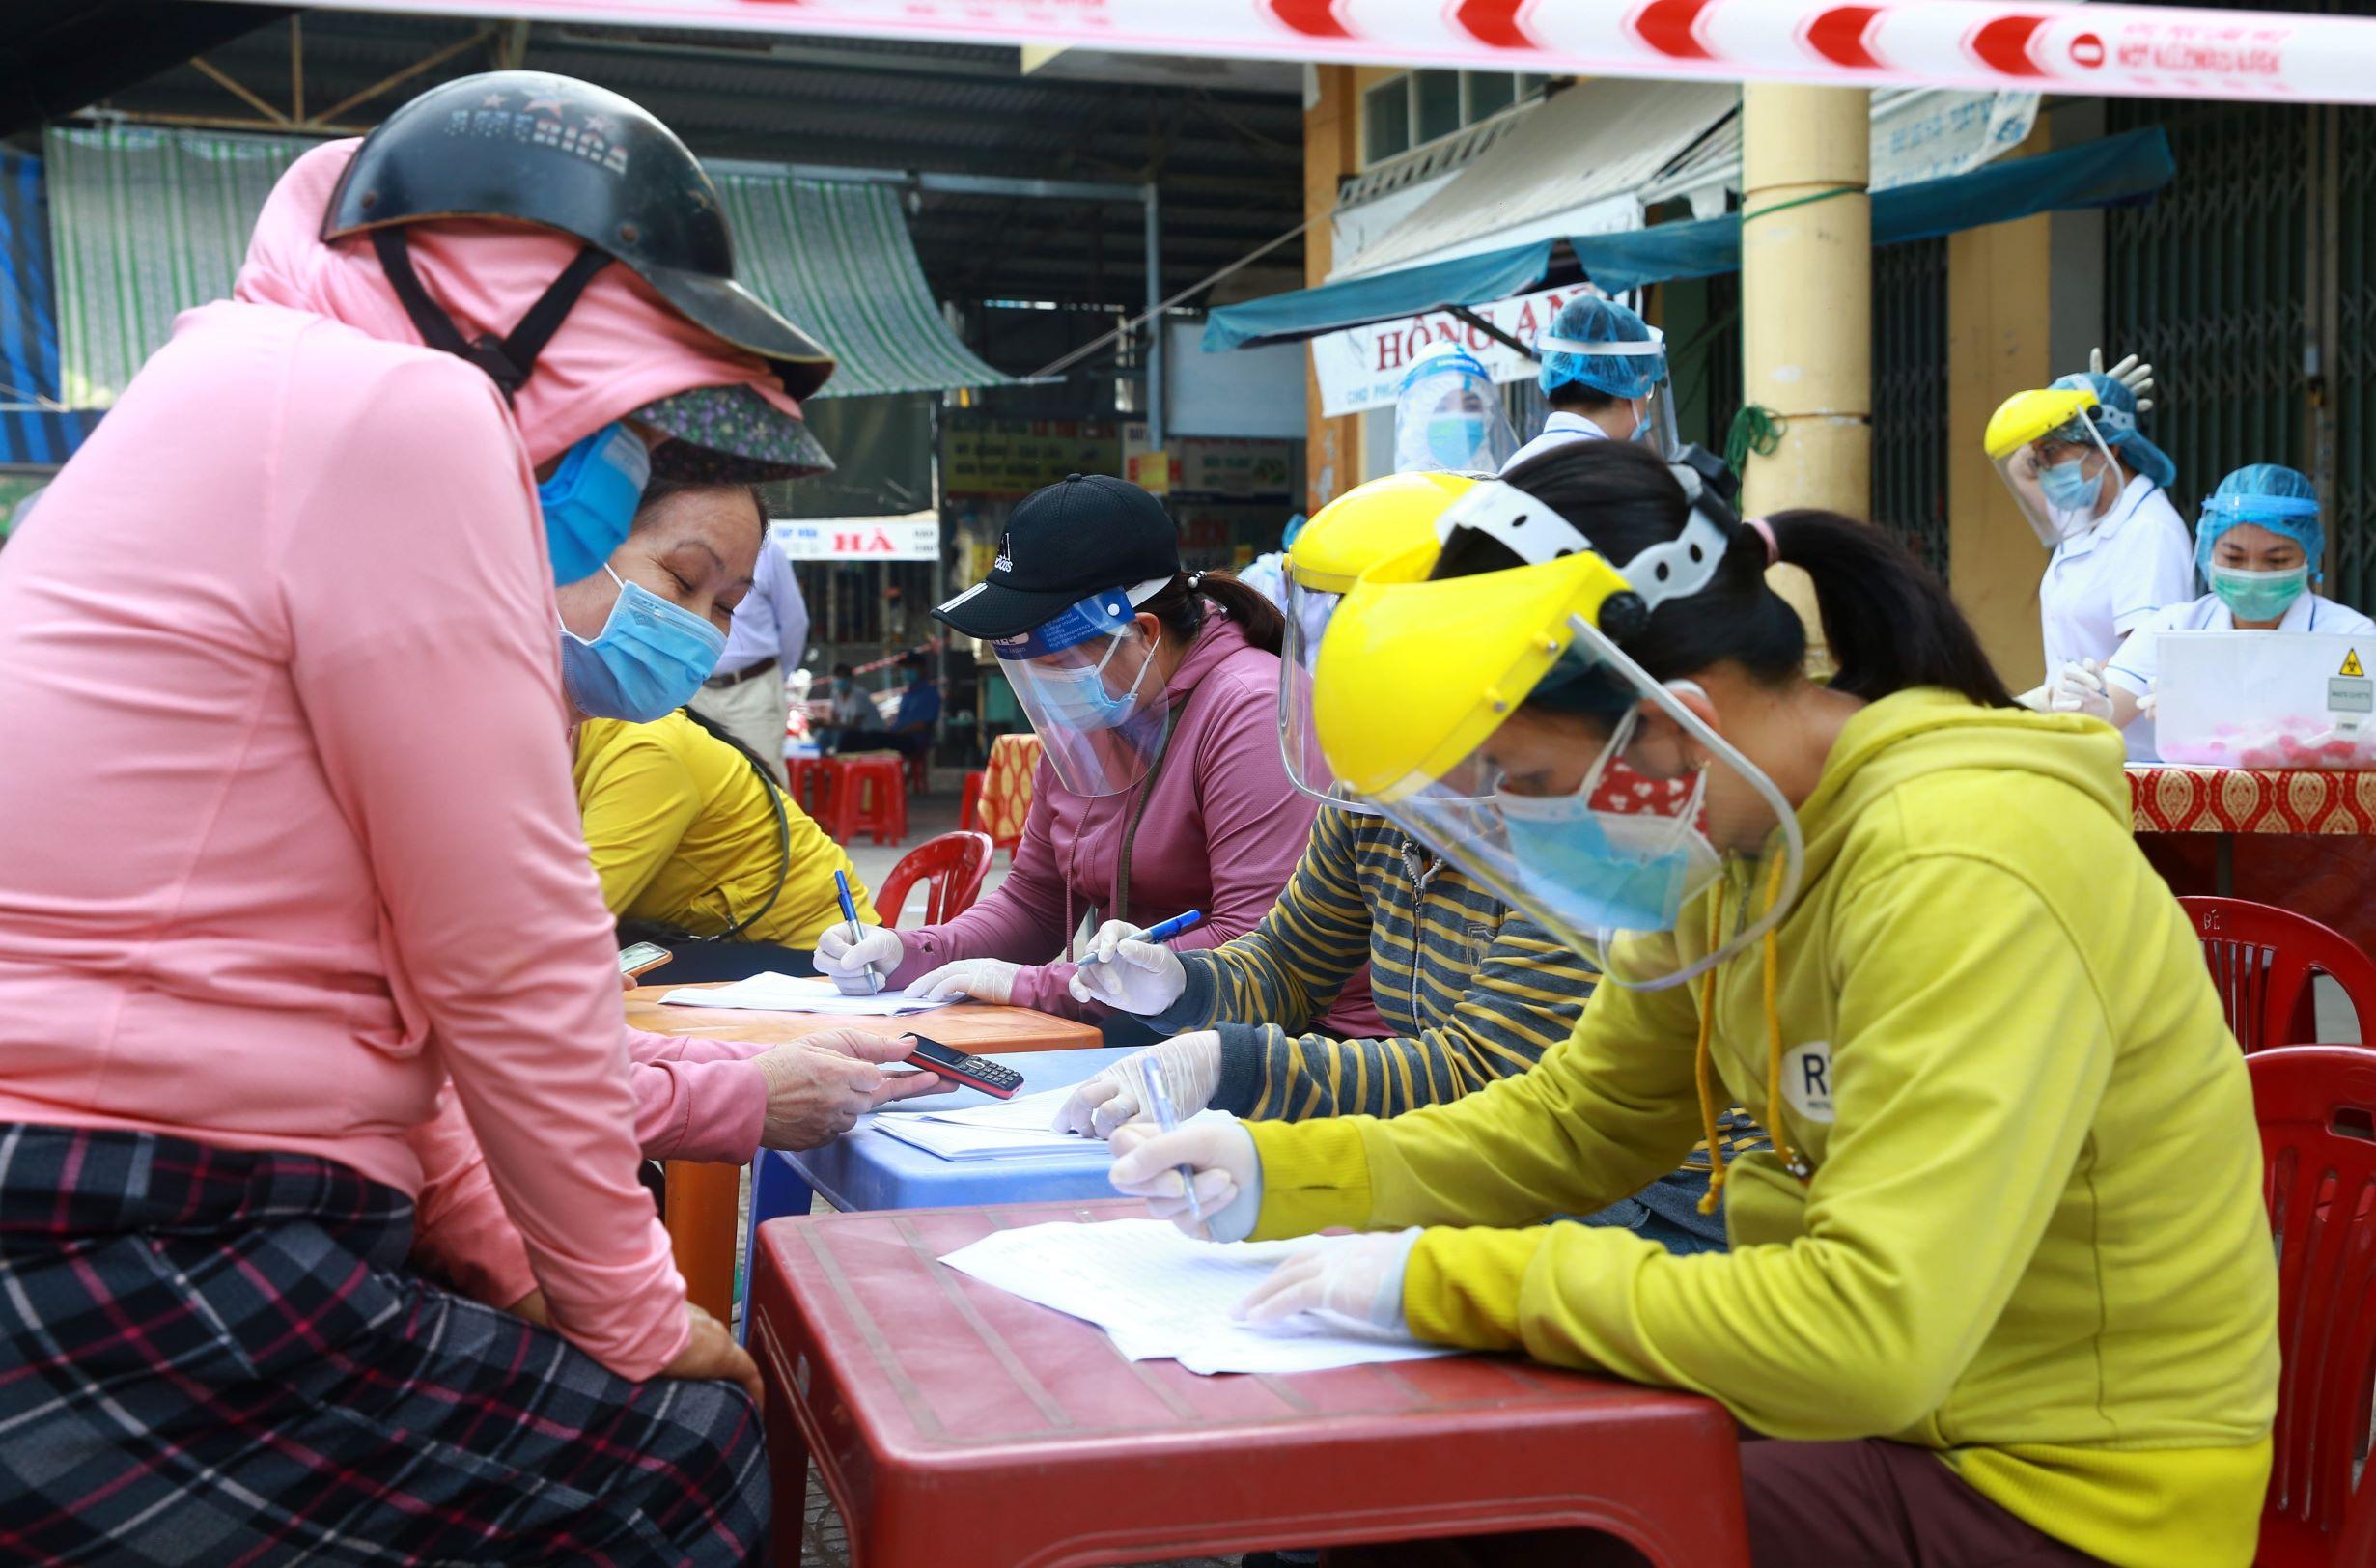 ẢNH: Người dân mặc áo mưa, trùm kín khi đi chợ giữa nắng 37 độ C để phòng dịch Covid-19 - Ảnh 9.